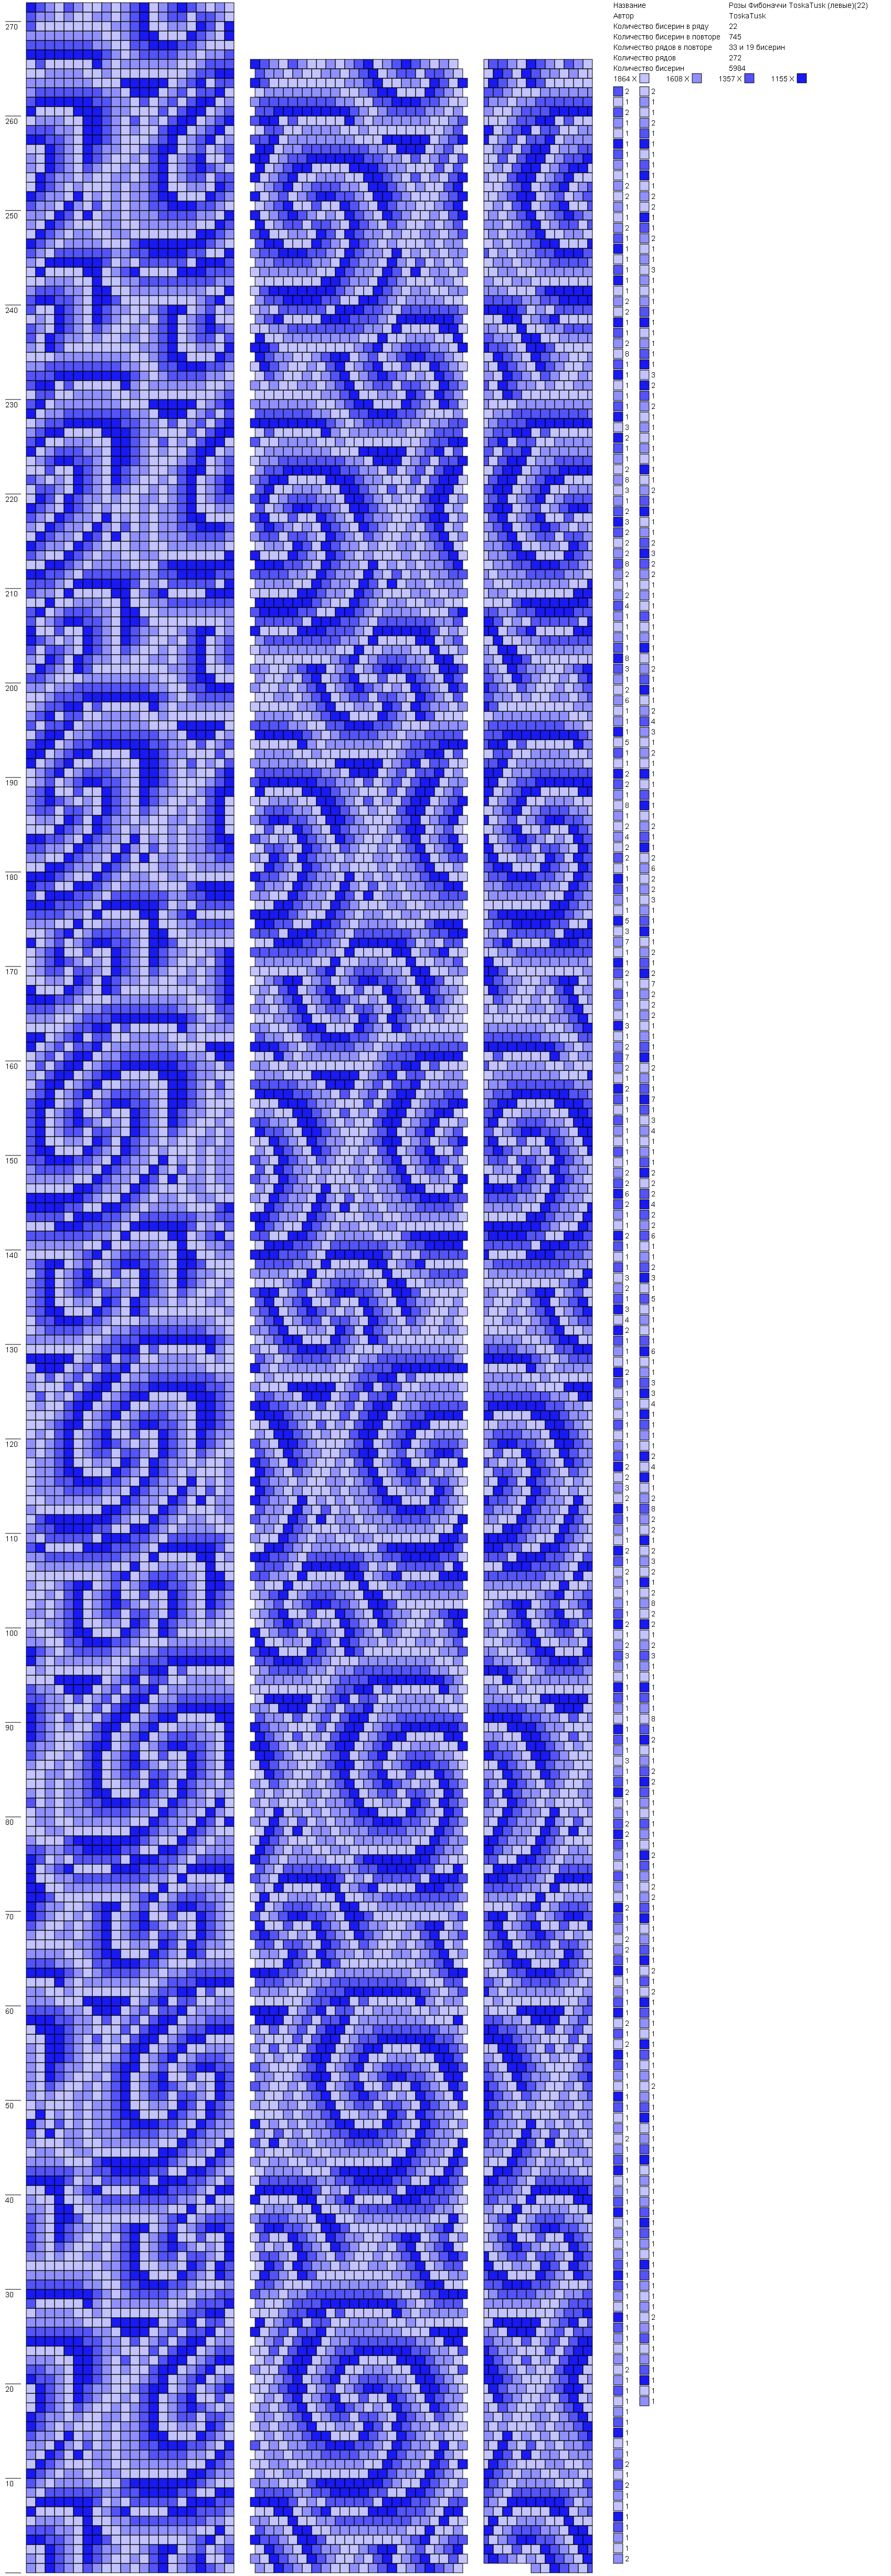 Pin von Angela Loper auf graph patterns | Pinterest | Perlenkette ...